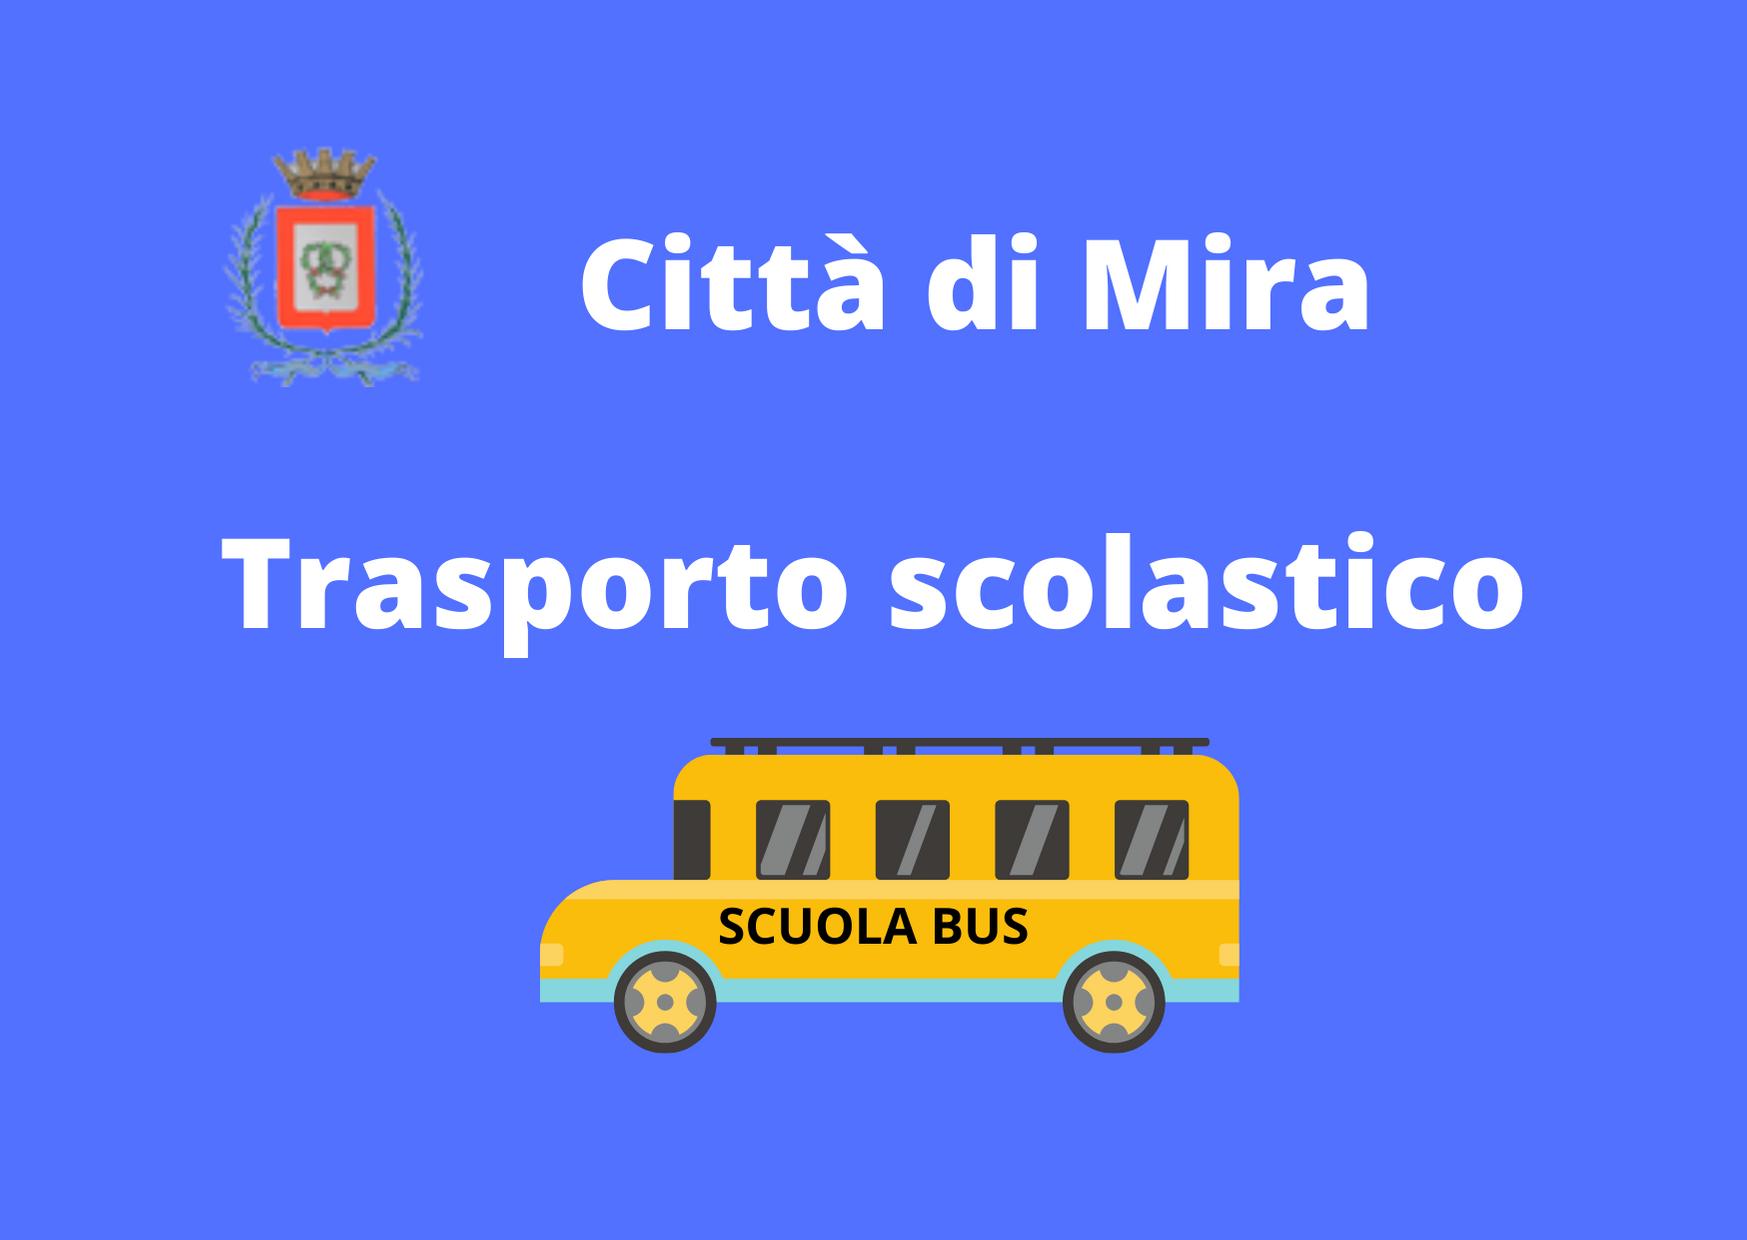 logo link TRASPORTO SCOLASTICO COMUNE DI MIRA